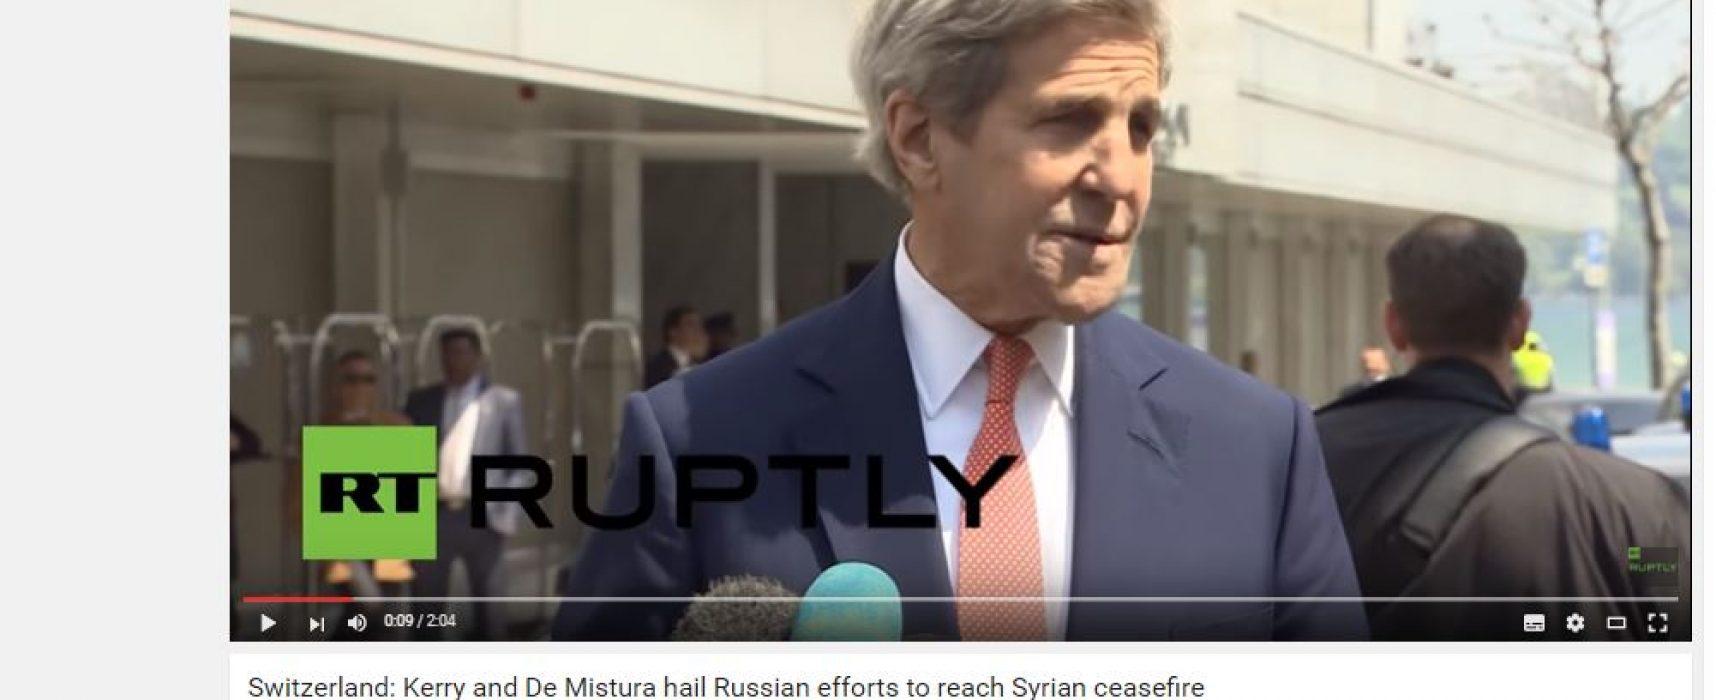 Фейк: Керри похвалил усилия России в достижении перемирия в Сирии